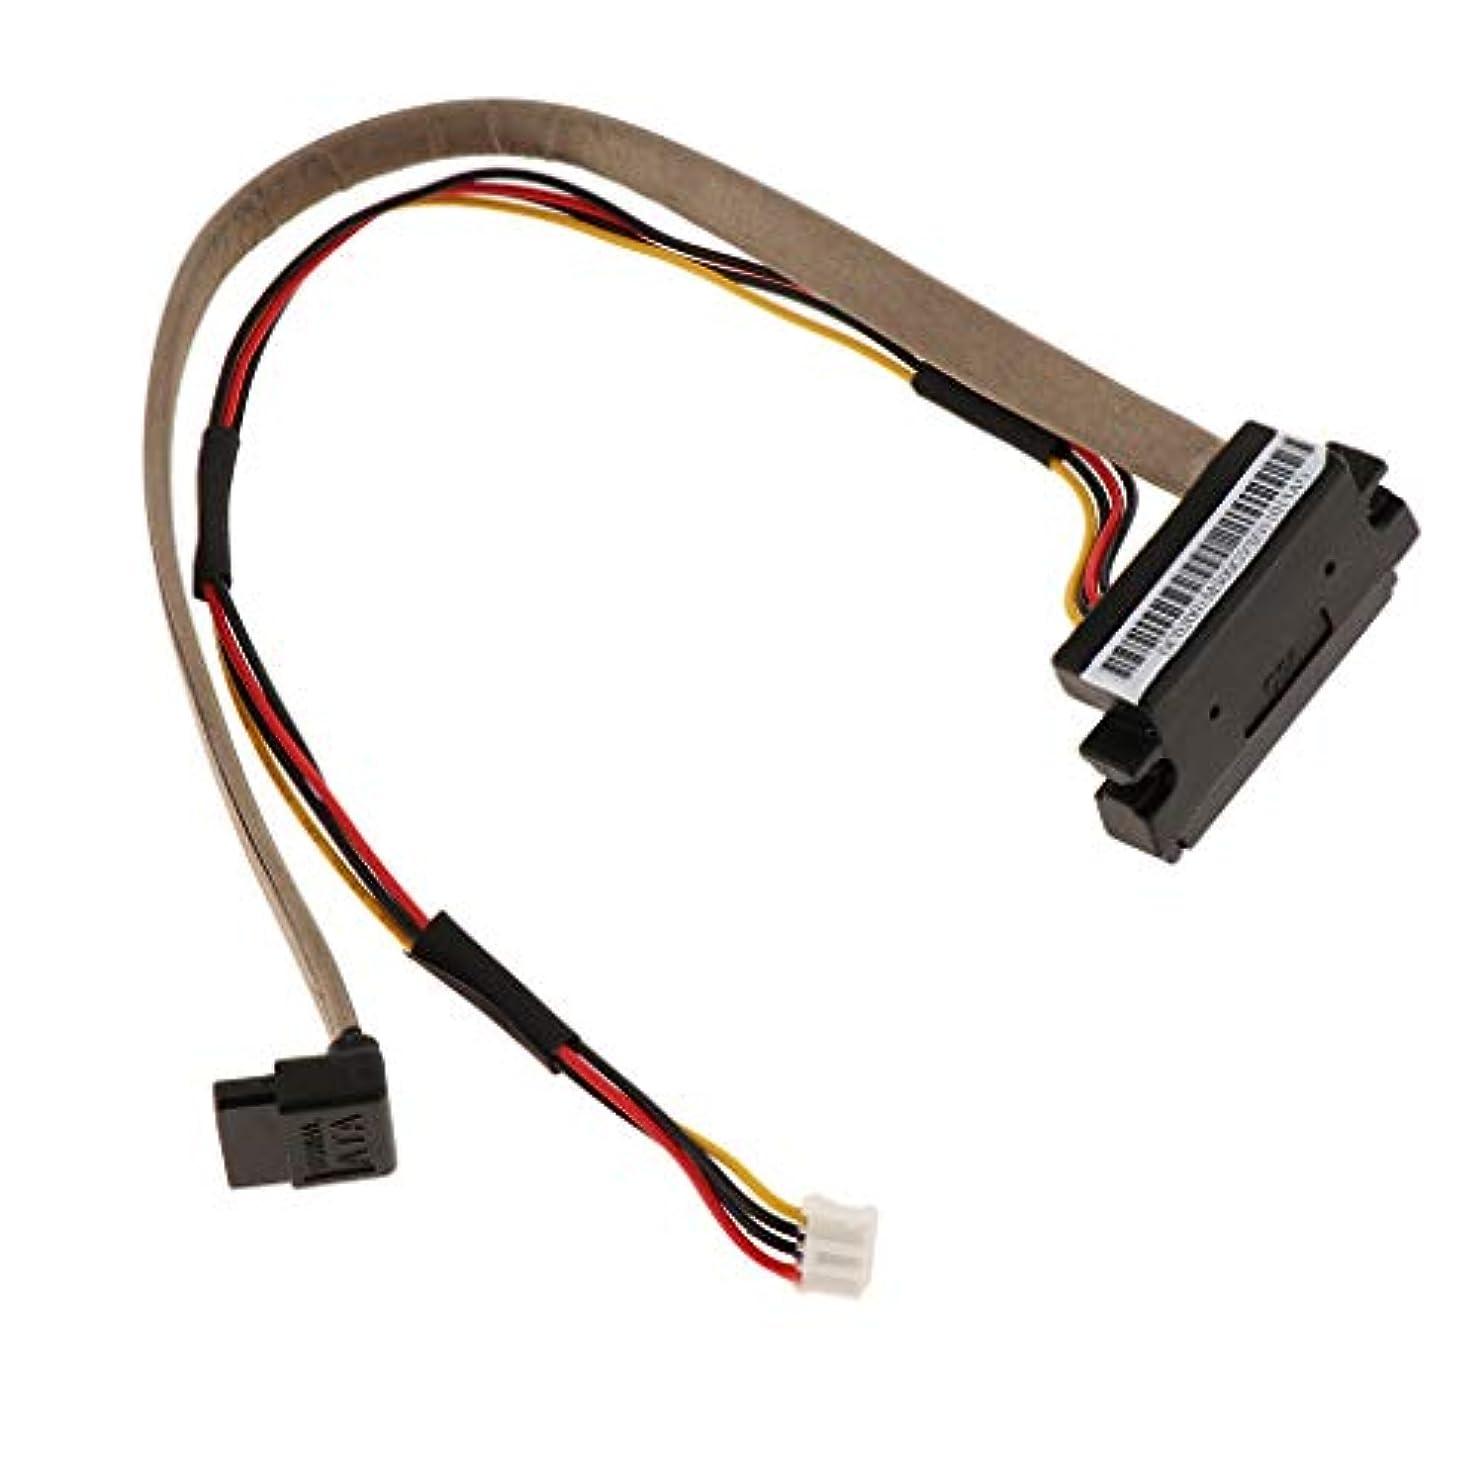 吸収ホームレストーンD DOLITY ハードドライバHDD SATAケーブル レノボB345 C540 B545用 交換部品